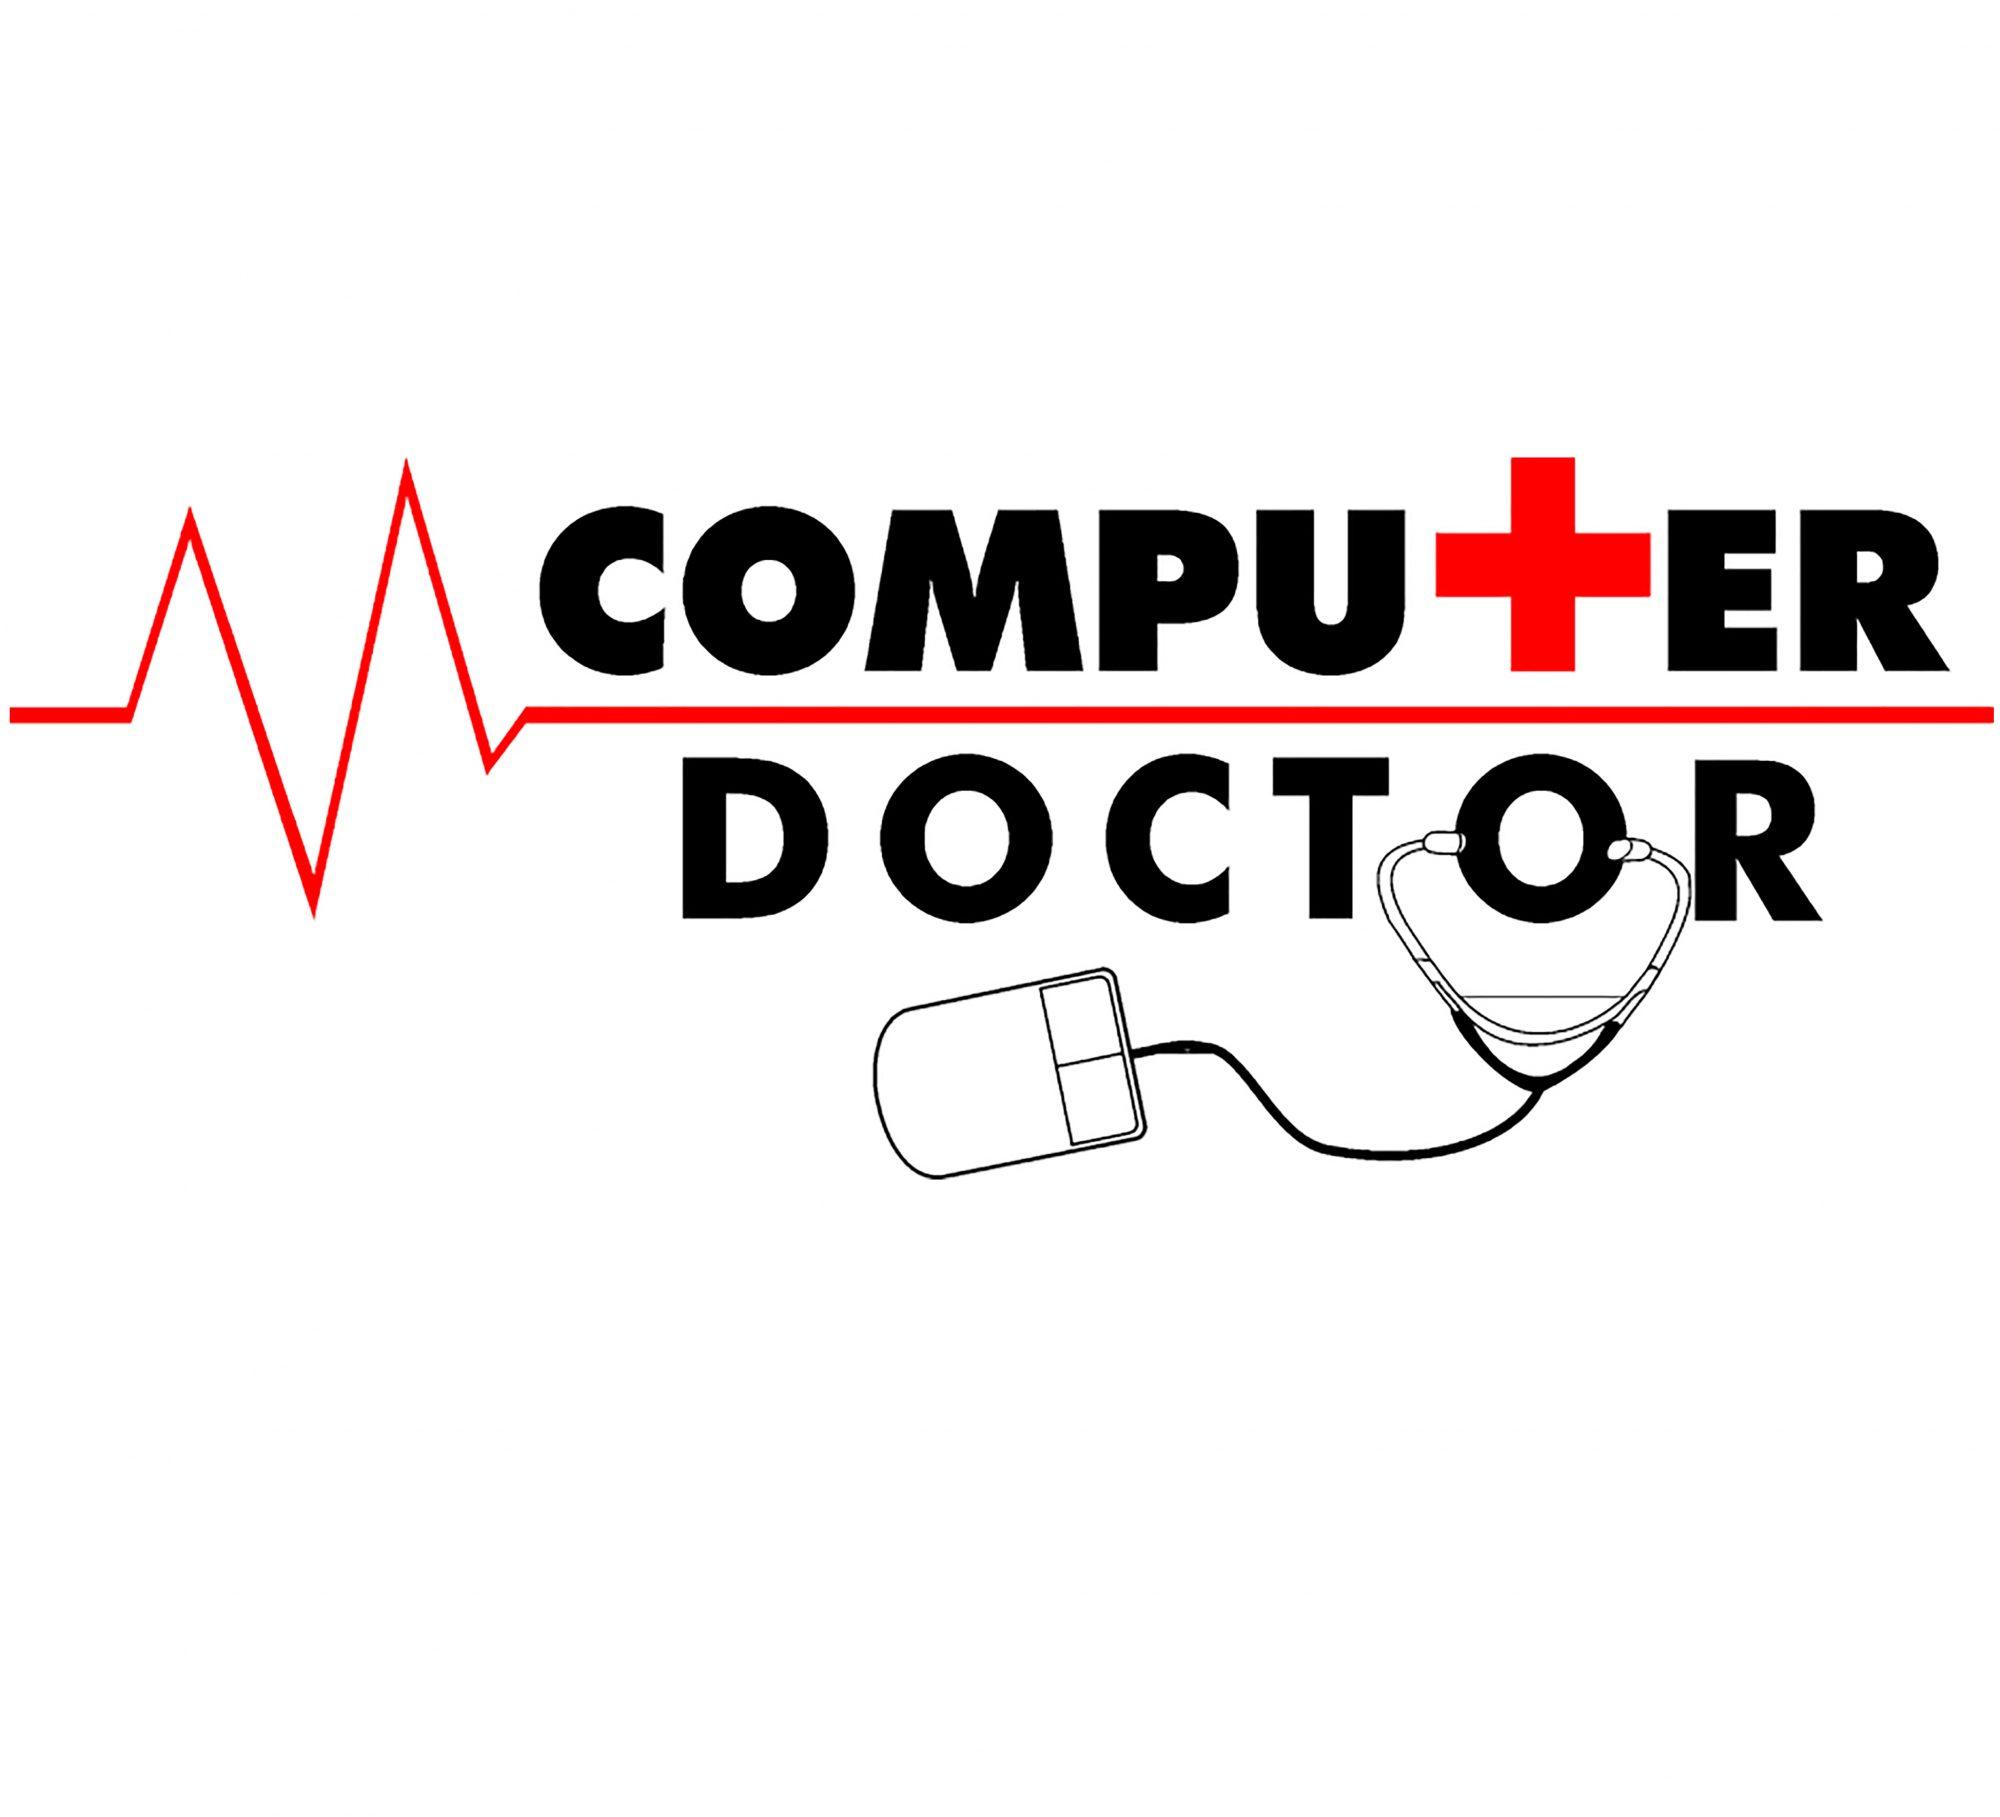 """Сервис по ремонту компьютеров, ноутбуков, телефонов, планшетов и др. цифровых устройств """"Computer Doctor"""" в г. Саки: +7(978)765-70-98"""